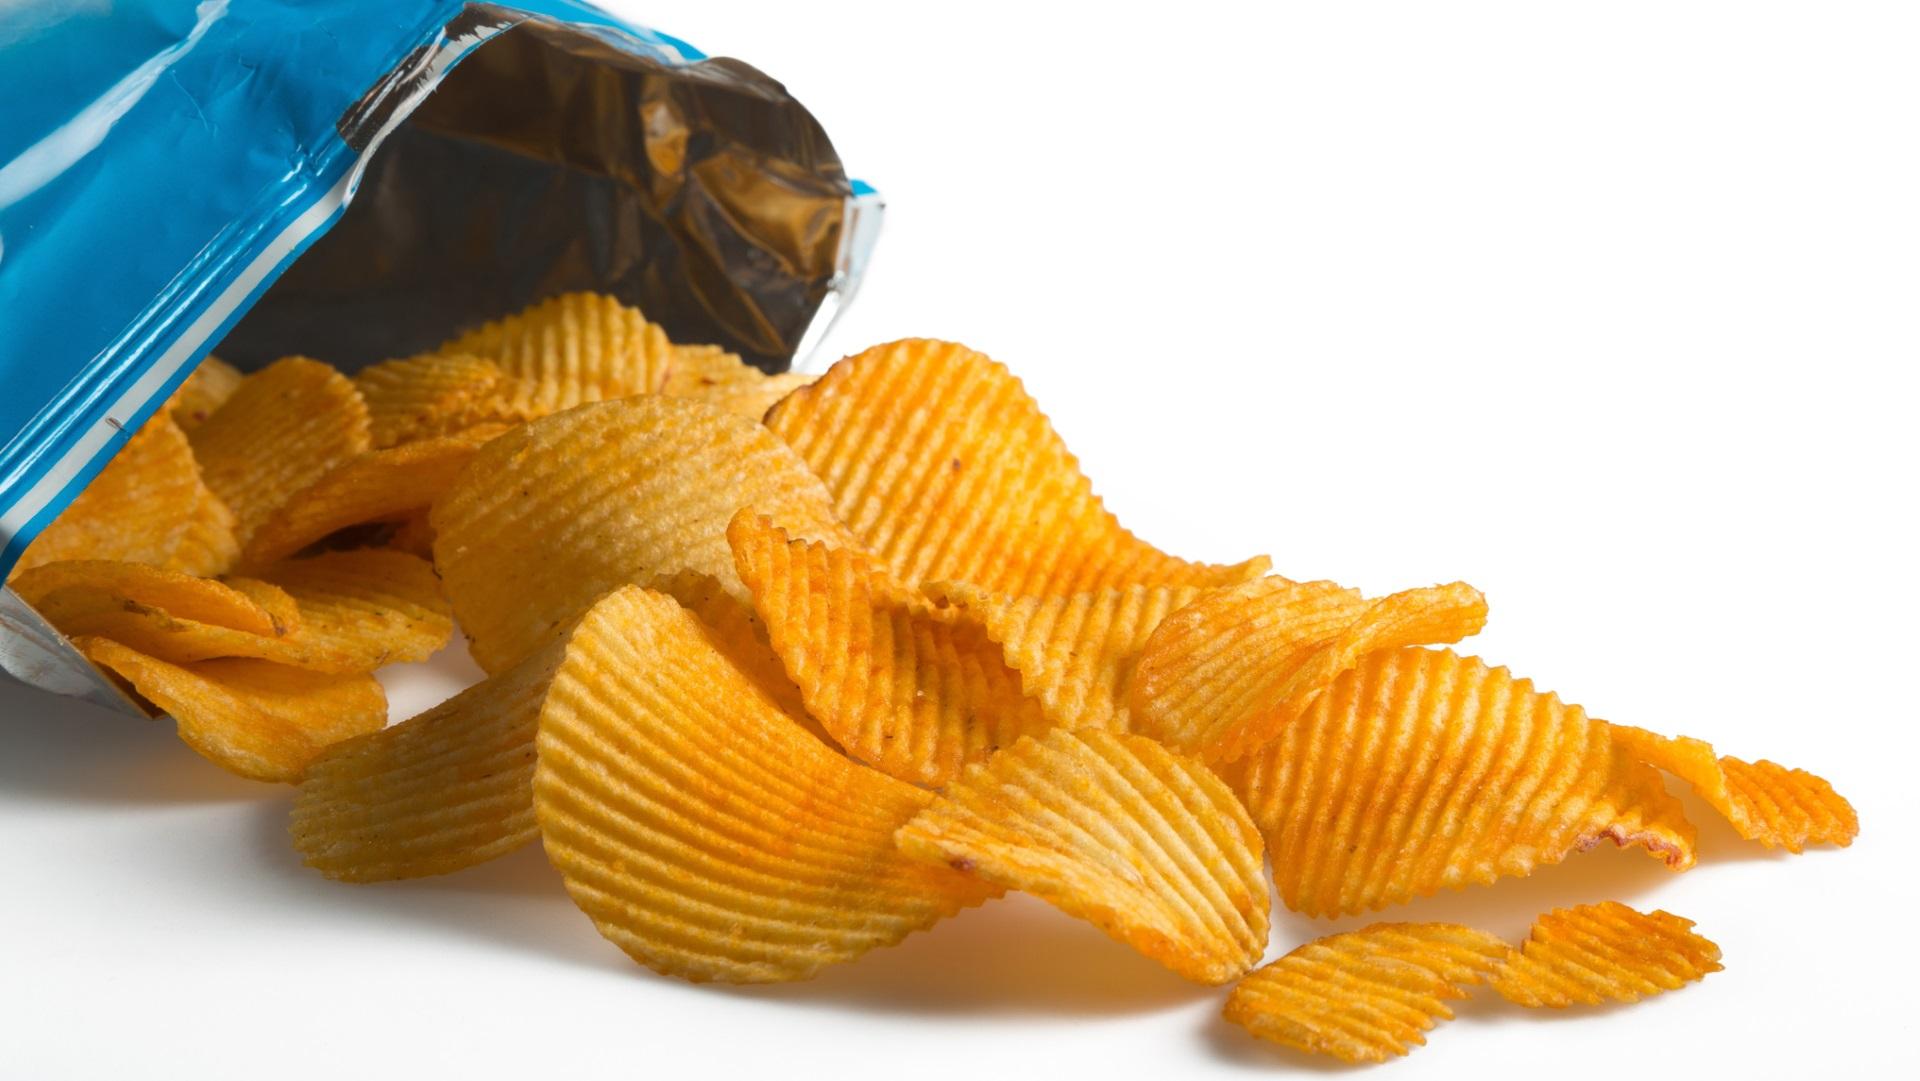 <p><strong>Увеличавате риска от рак</strong></p>  <p>Това изказване изглежда малко крайно, но има данни, които го подкрепят. Картофените чипсове съдържат съединението акриламид, което се създава в храни с високо съдържание на нишесте, когато са пържени или печени. Има изследвания, които свързват това съединение с рака.</p>